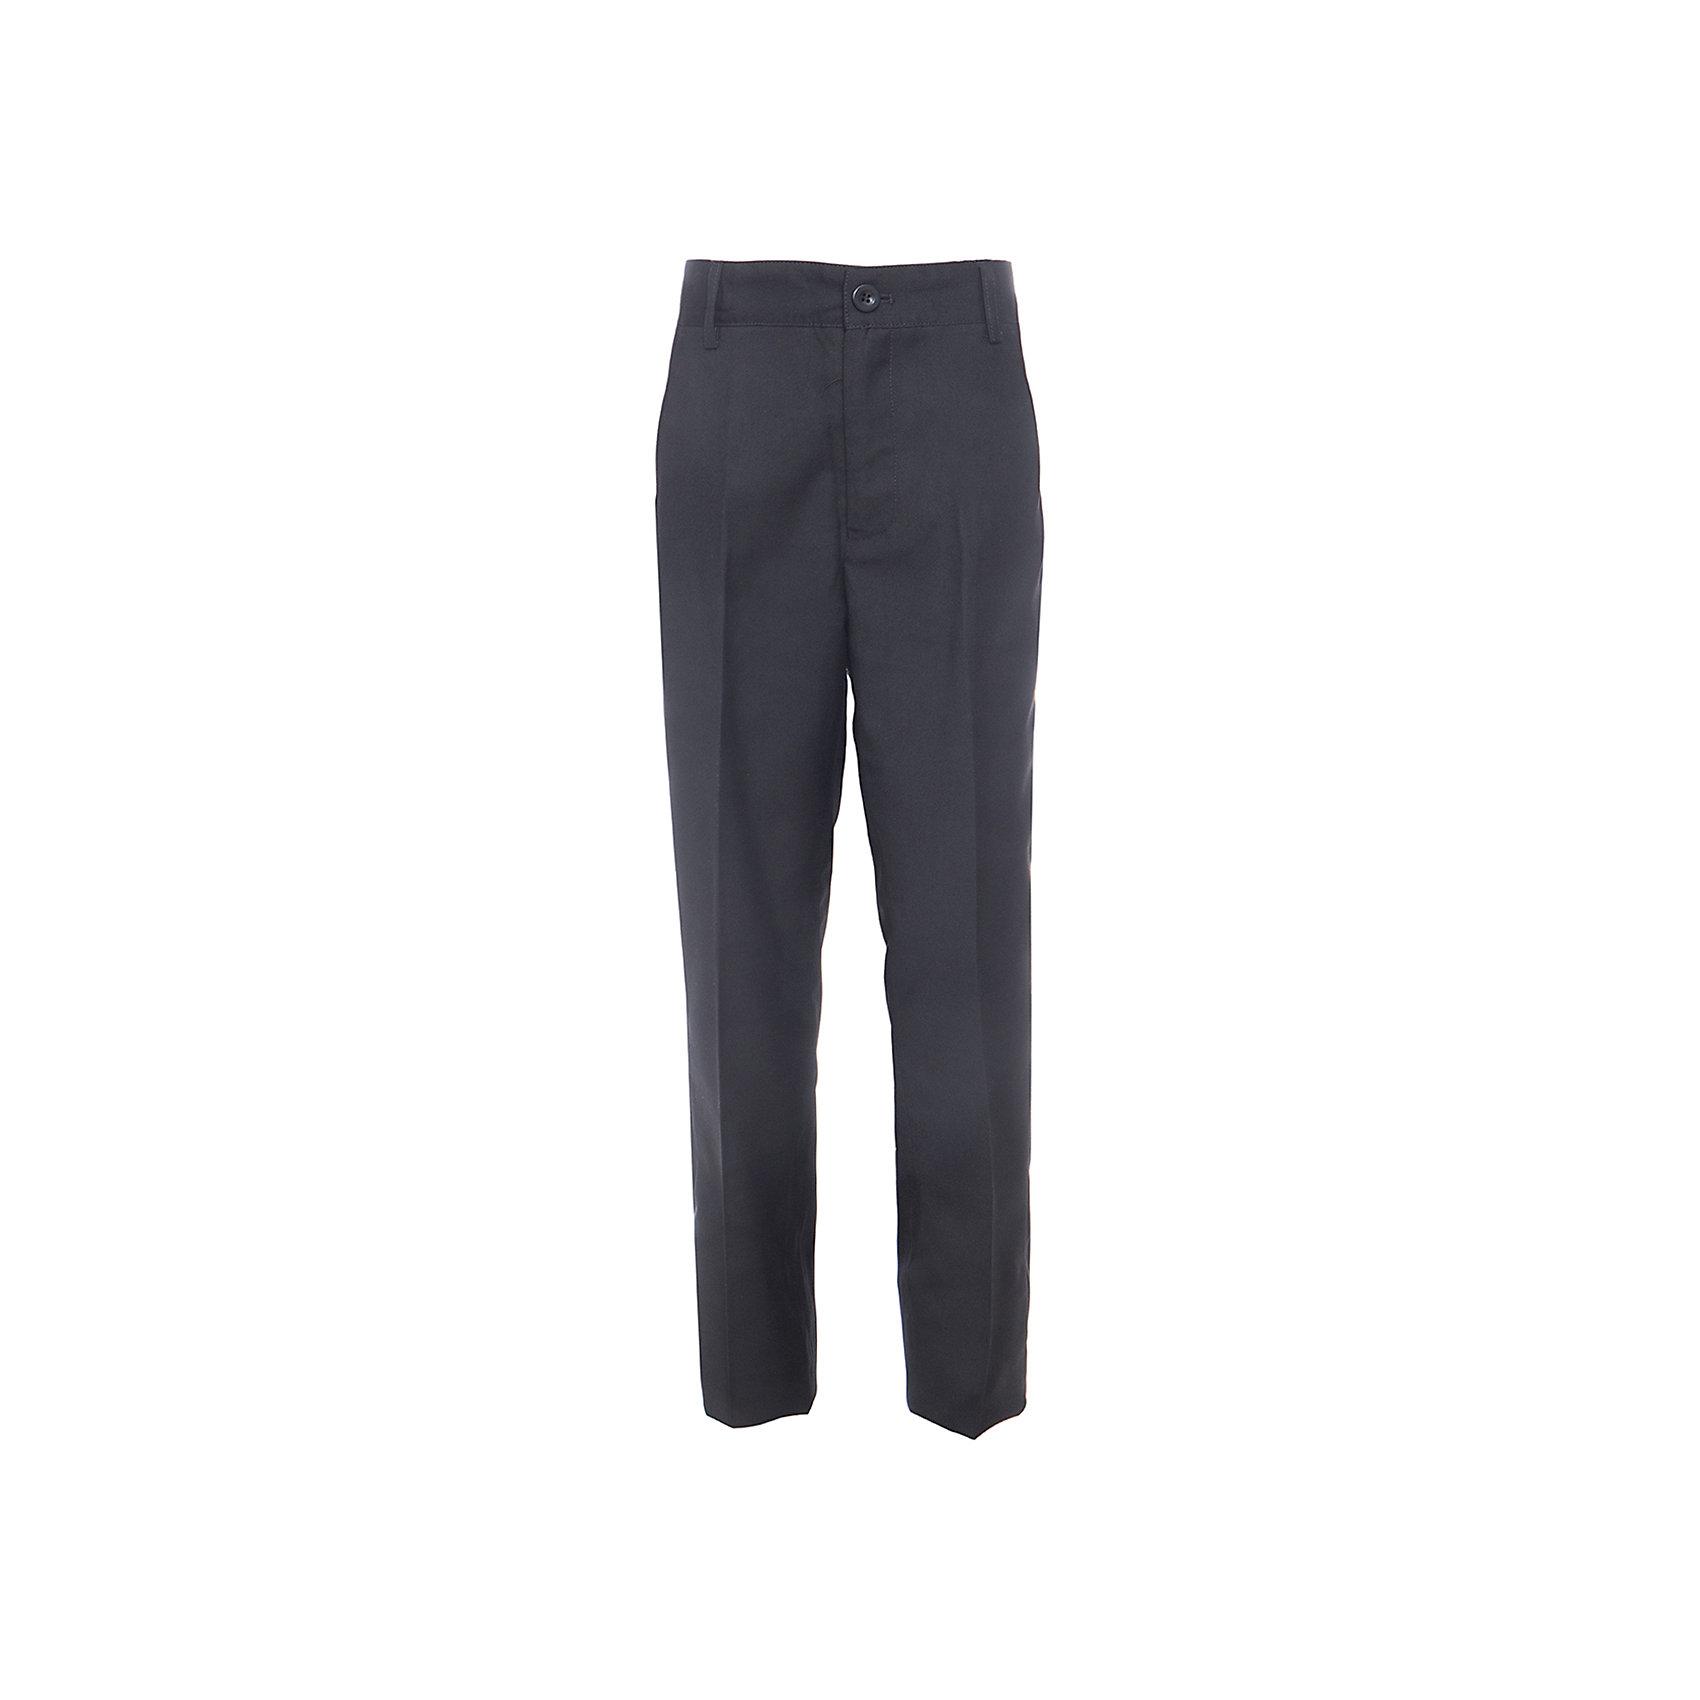 Брюки для мальчика Button BlueБрюки<br>Классические темные брюки - оптимальное решение для каждого школьного дня! Брюки имеют модную посадку на фигуре, прекрасно сидят и хорошо держат форму. Внутренняя часть пояса имеет удобную регулировку объема.<br>Состав:<br>ткань верха:  80% полиэстер, 20% вискоза  подкладка:  100%полиэстер<br><br>Ширина мм: 215<br>Глубина мм: 88<br>Высота мм: 191<br>Вес г: 336<br>Цвет: черный<br>Возраст от месяцев: 132<br>Возраст до месяцев: 144<br>Пол: Мужской<br>Возраст: Детский<br>Размер: 152,158,140,146,134,122,128<br>SKU: 4147262